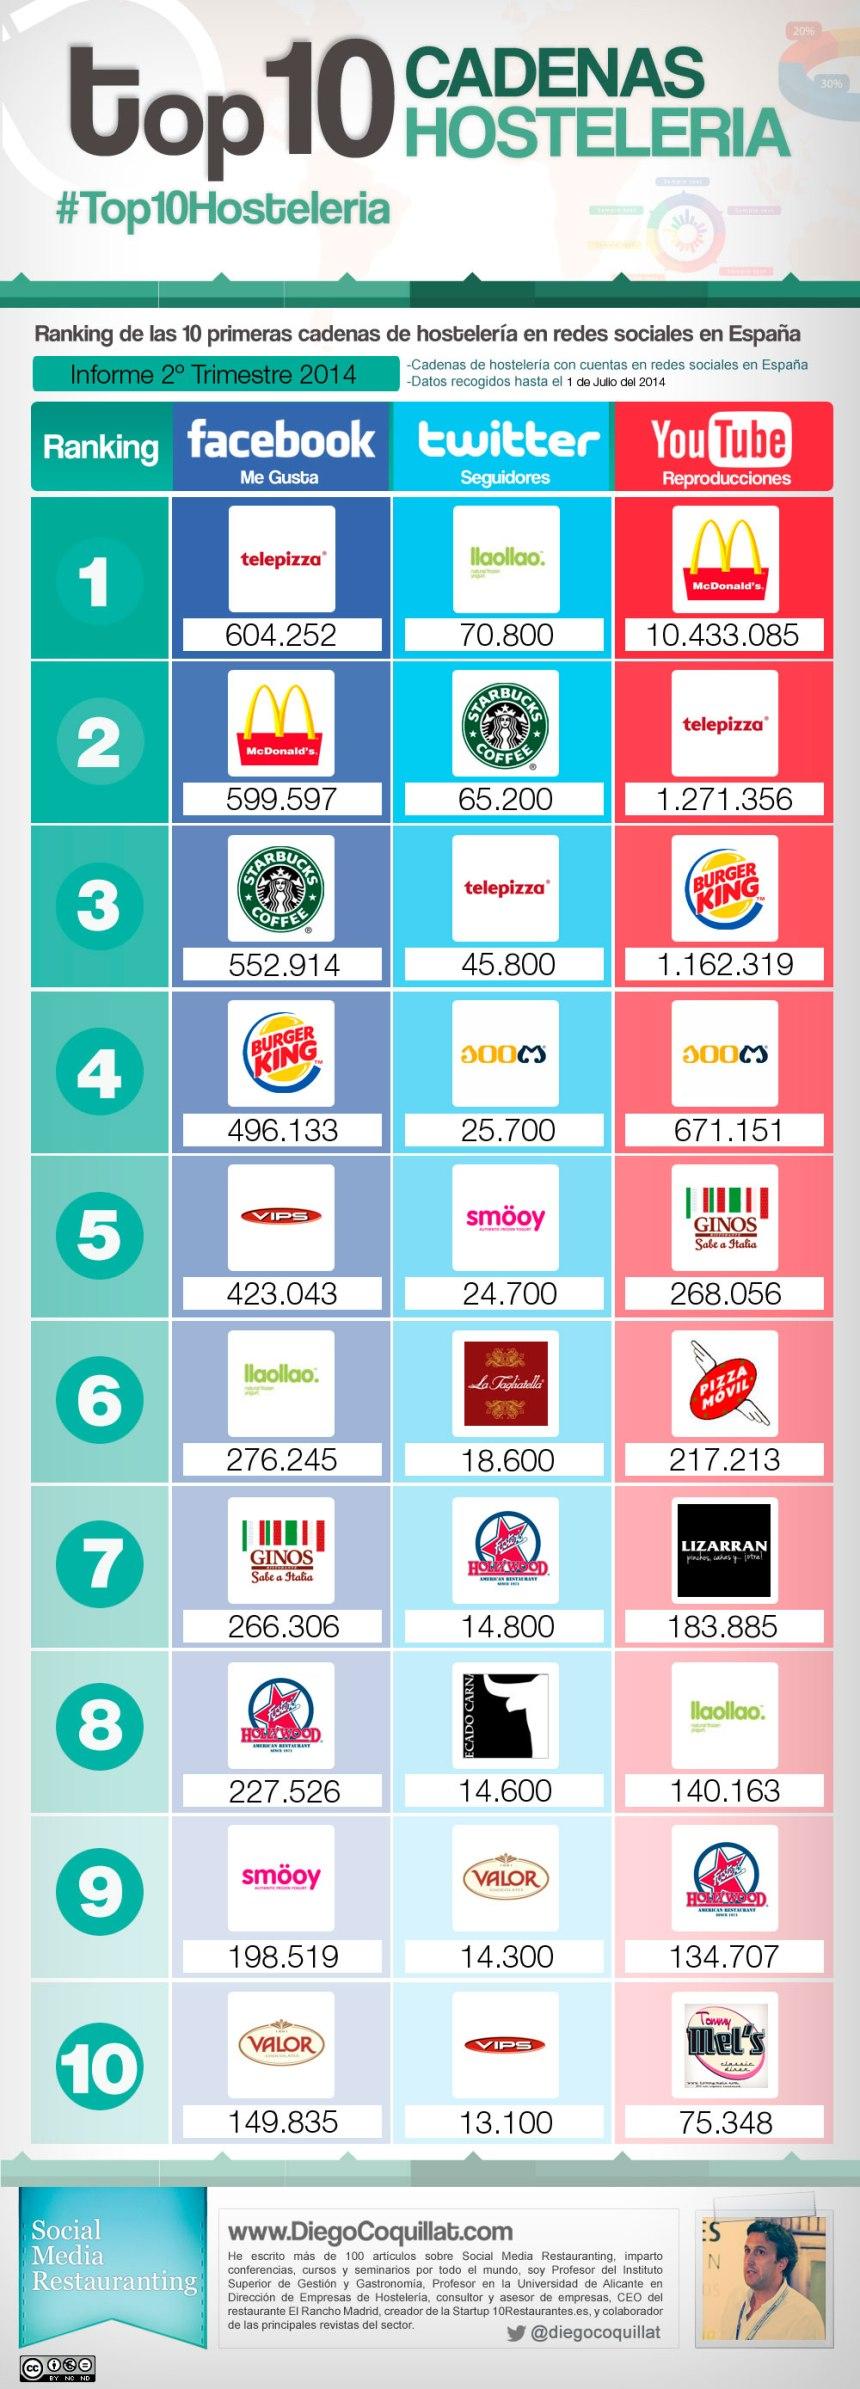 Top 10 cadenas hostelería en Redes Sociales (España 2T/2014)